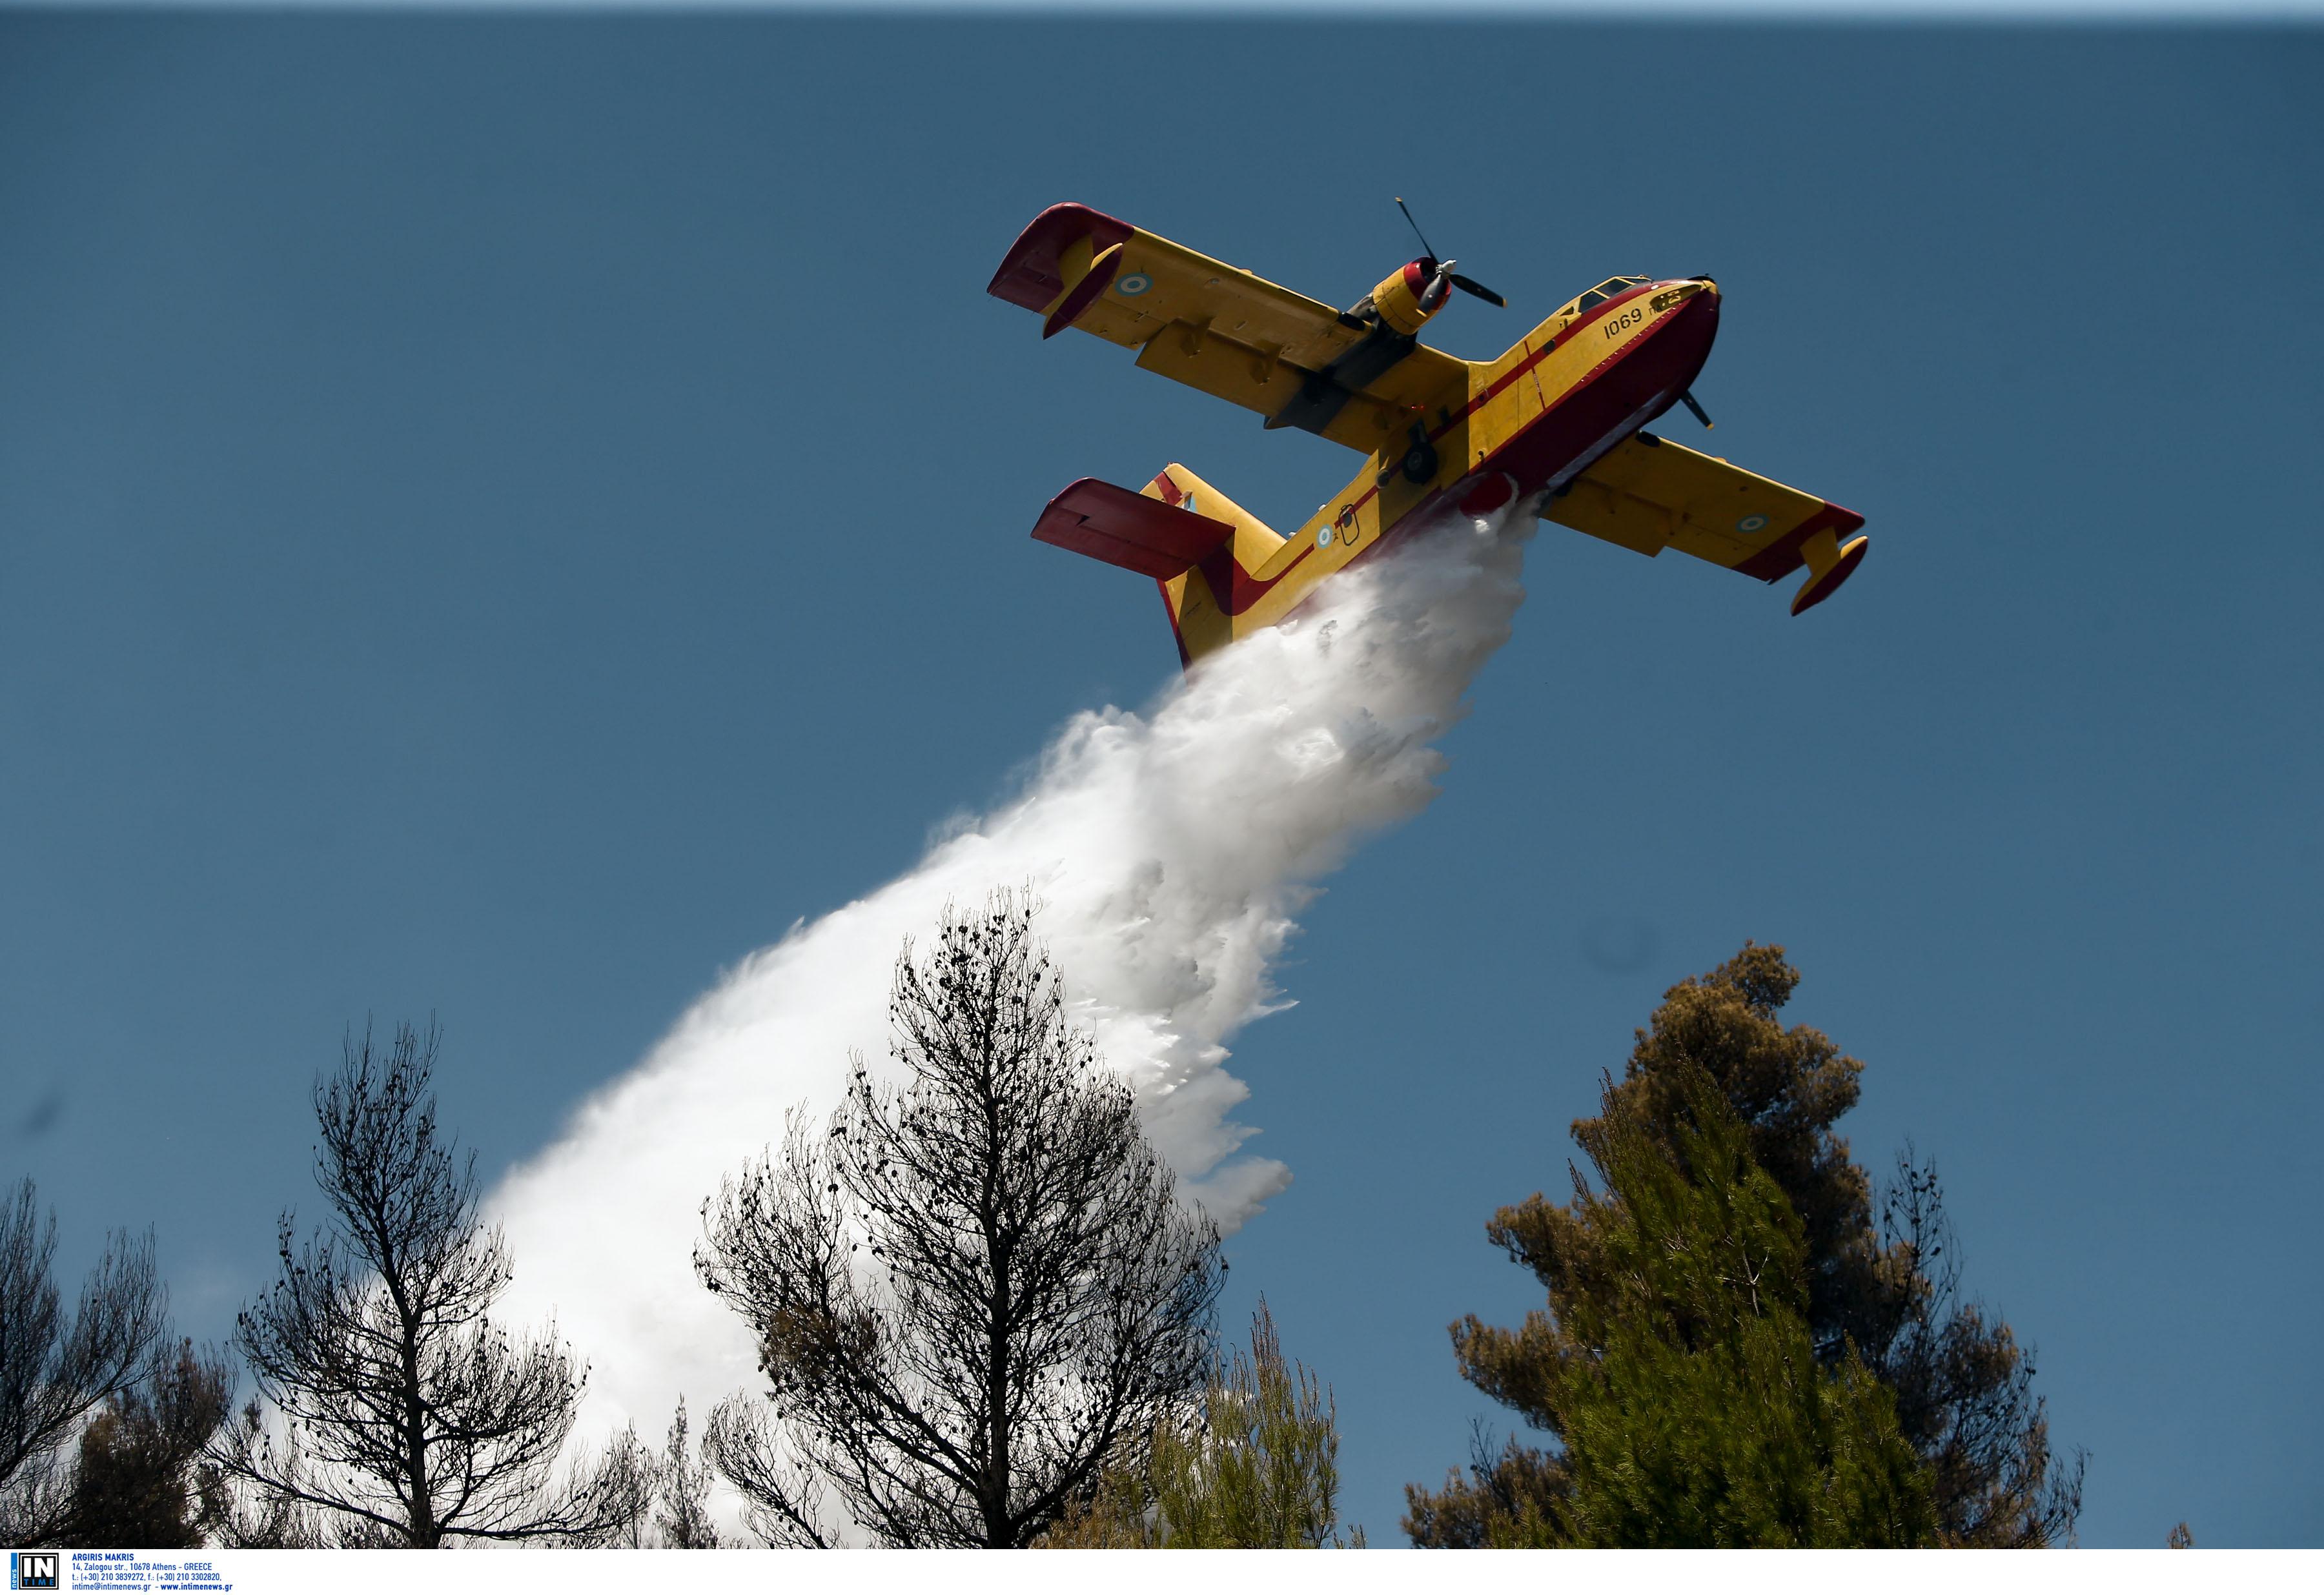 Φωτιά στην Εύβοια: «Το μέτωπο είναι στα 500 μέτρα! Καίγονται κτήματα, ελιές, όλα…»